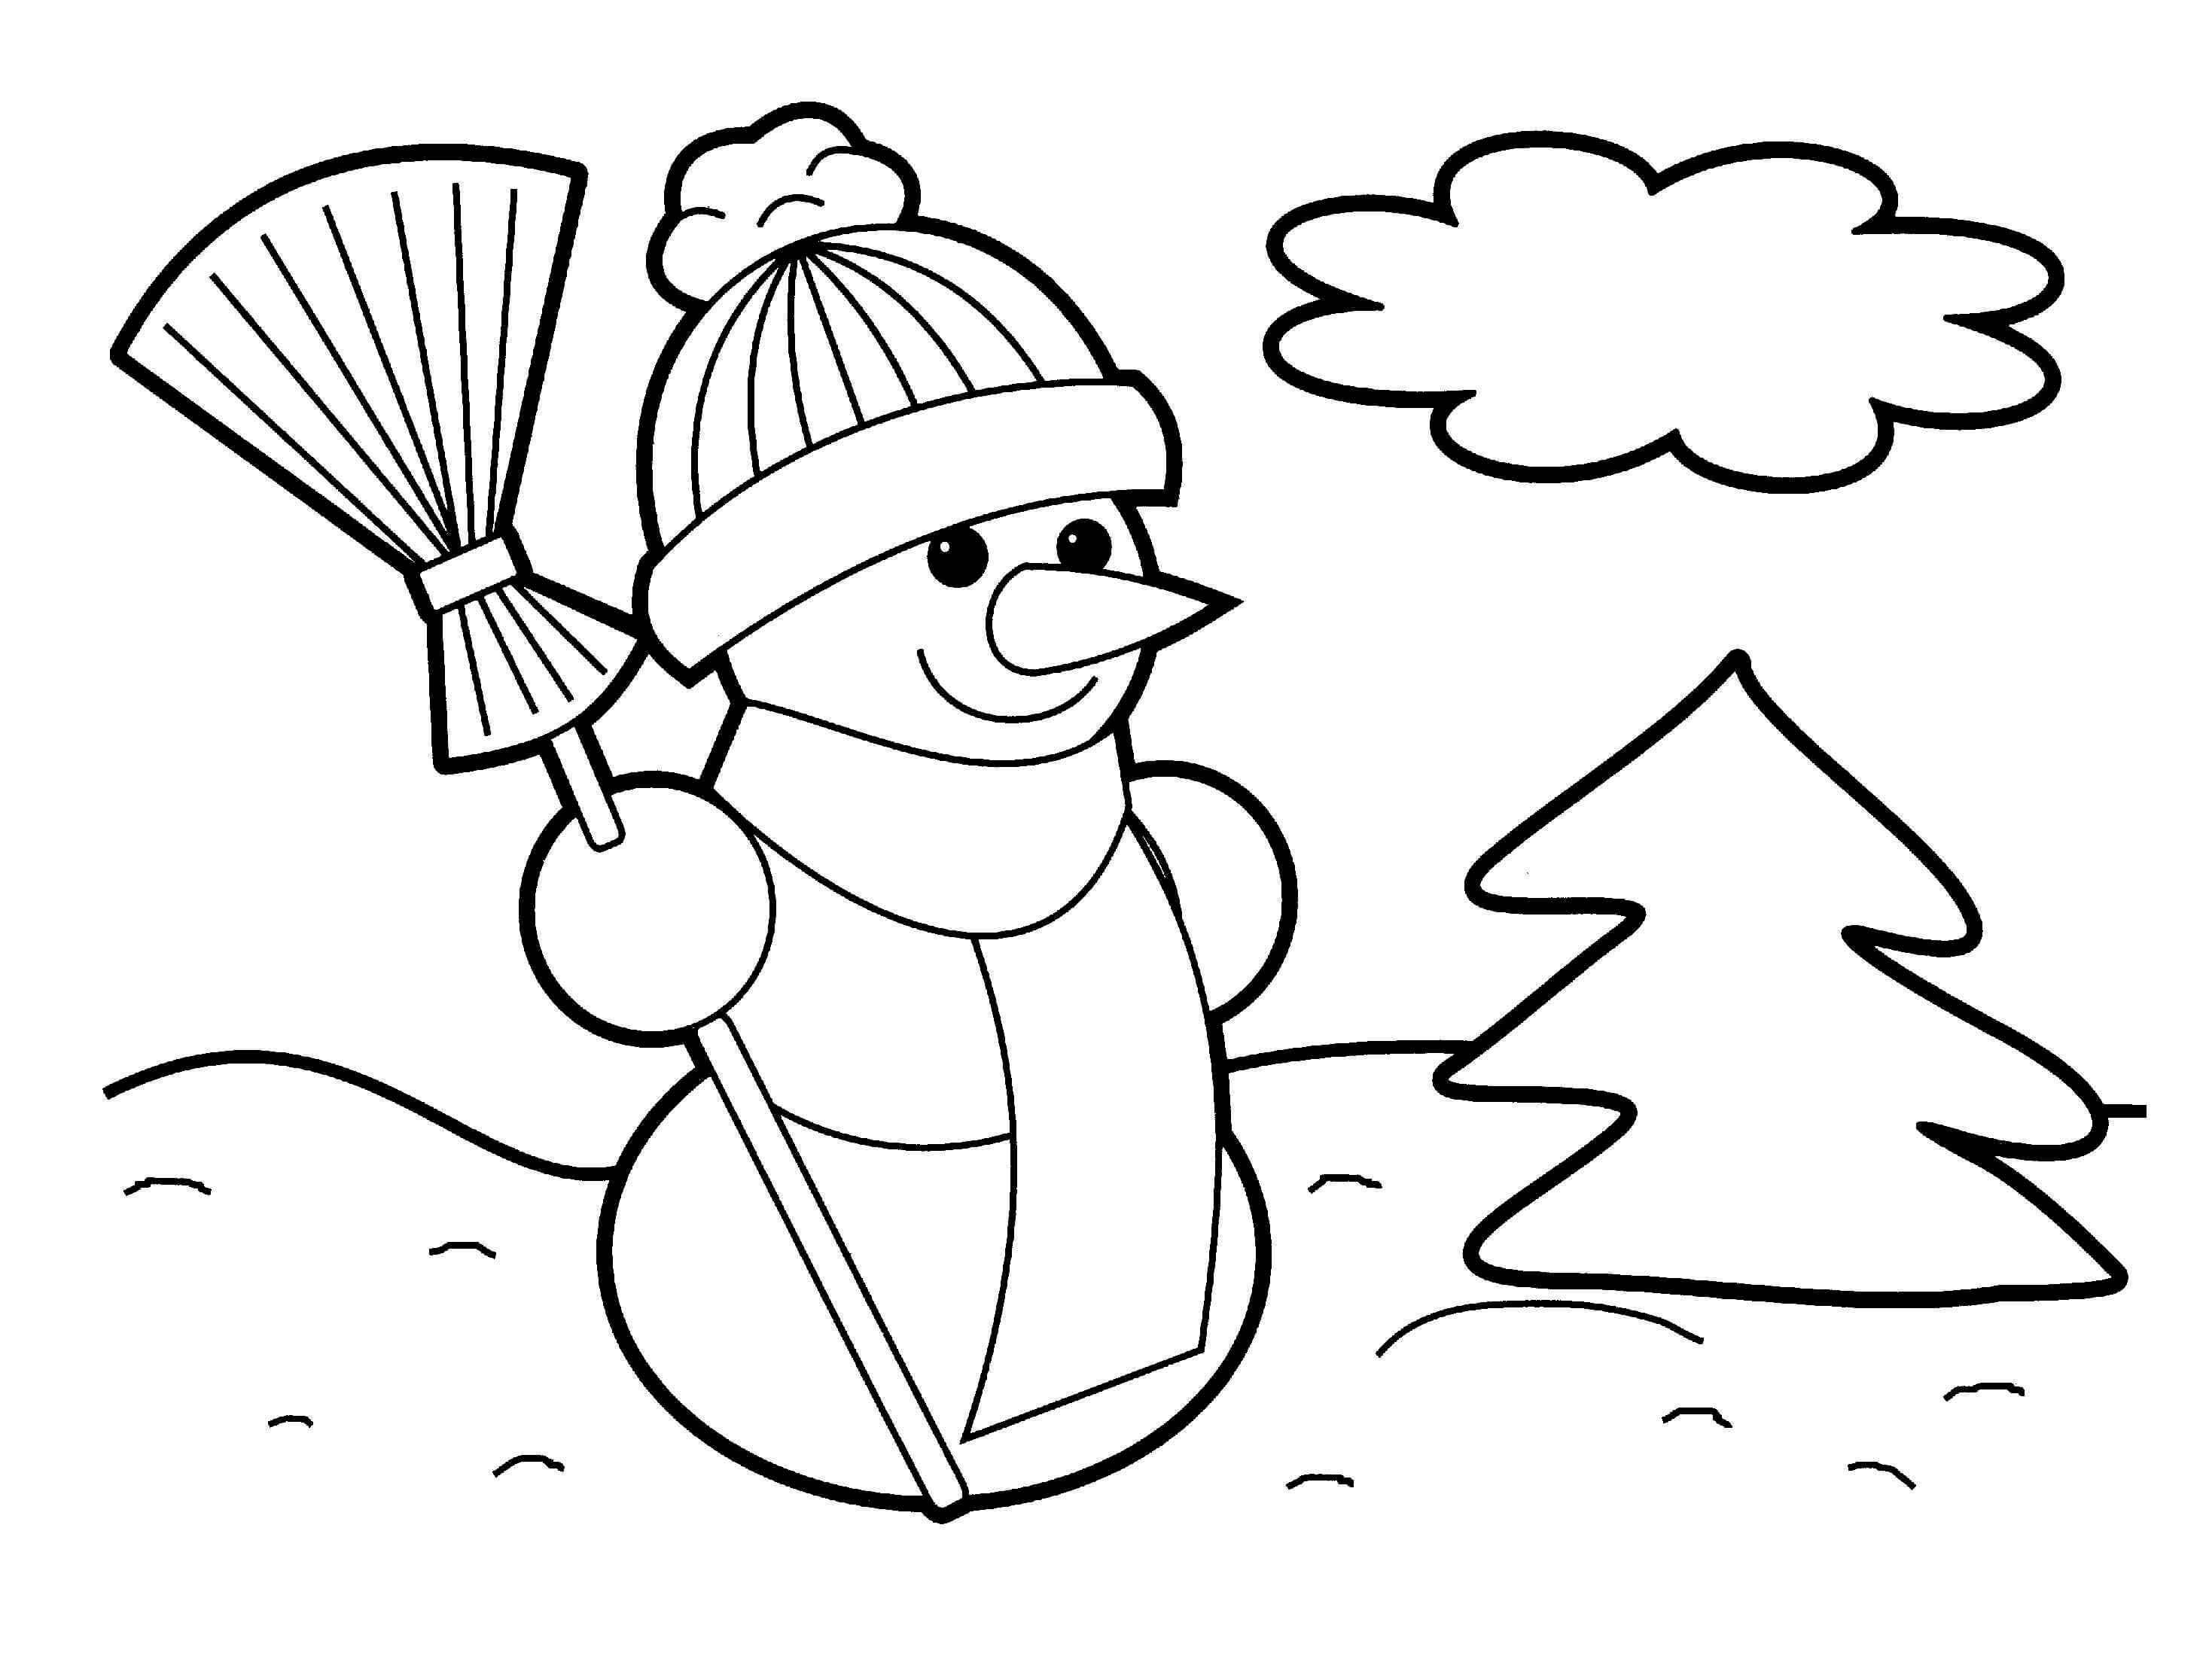 Лучшие картинки рисунки снеговиков для срисовки - коллекция 6